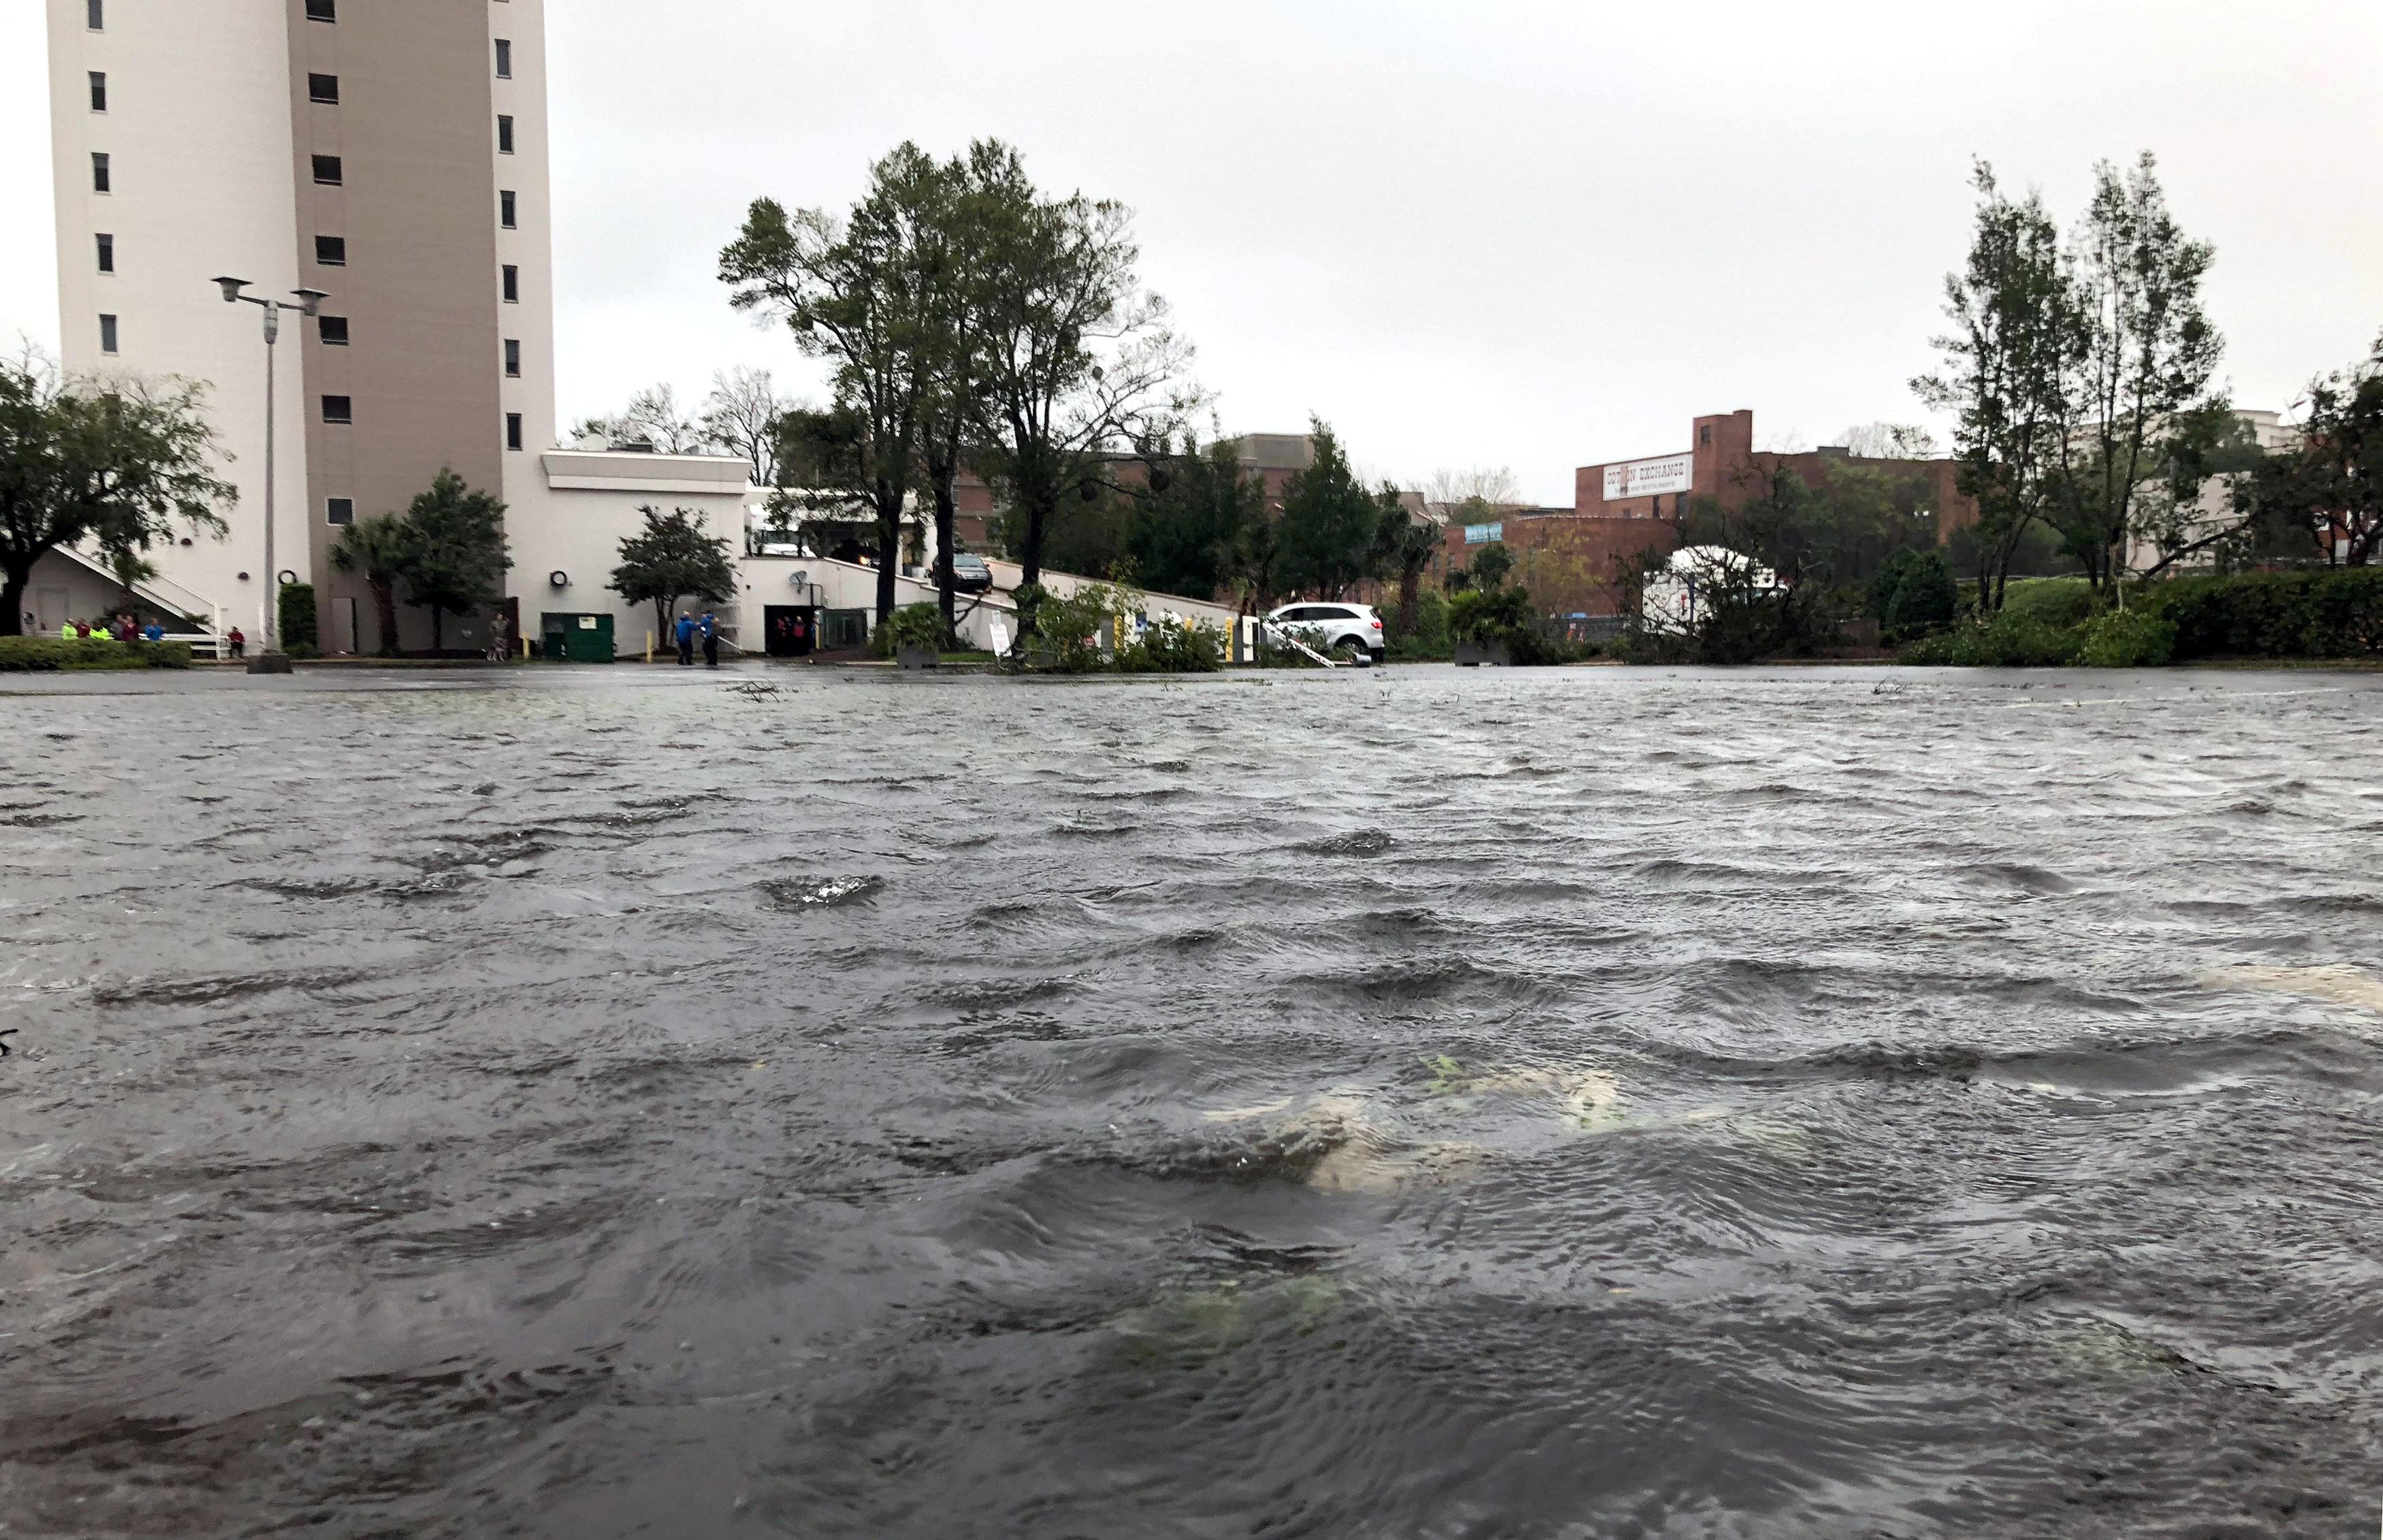 La lluvia inunda las calles de Tilmington mientras Florence avanza en Carolina del Norte.